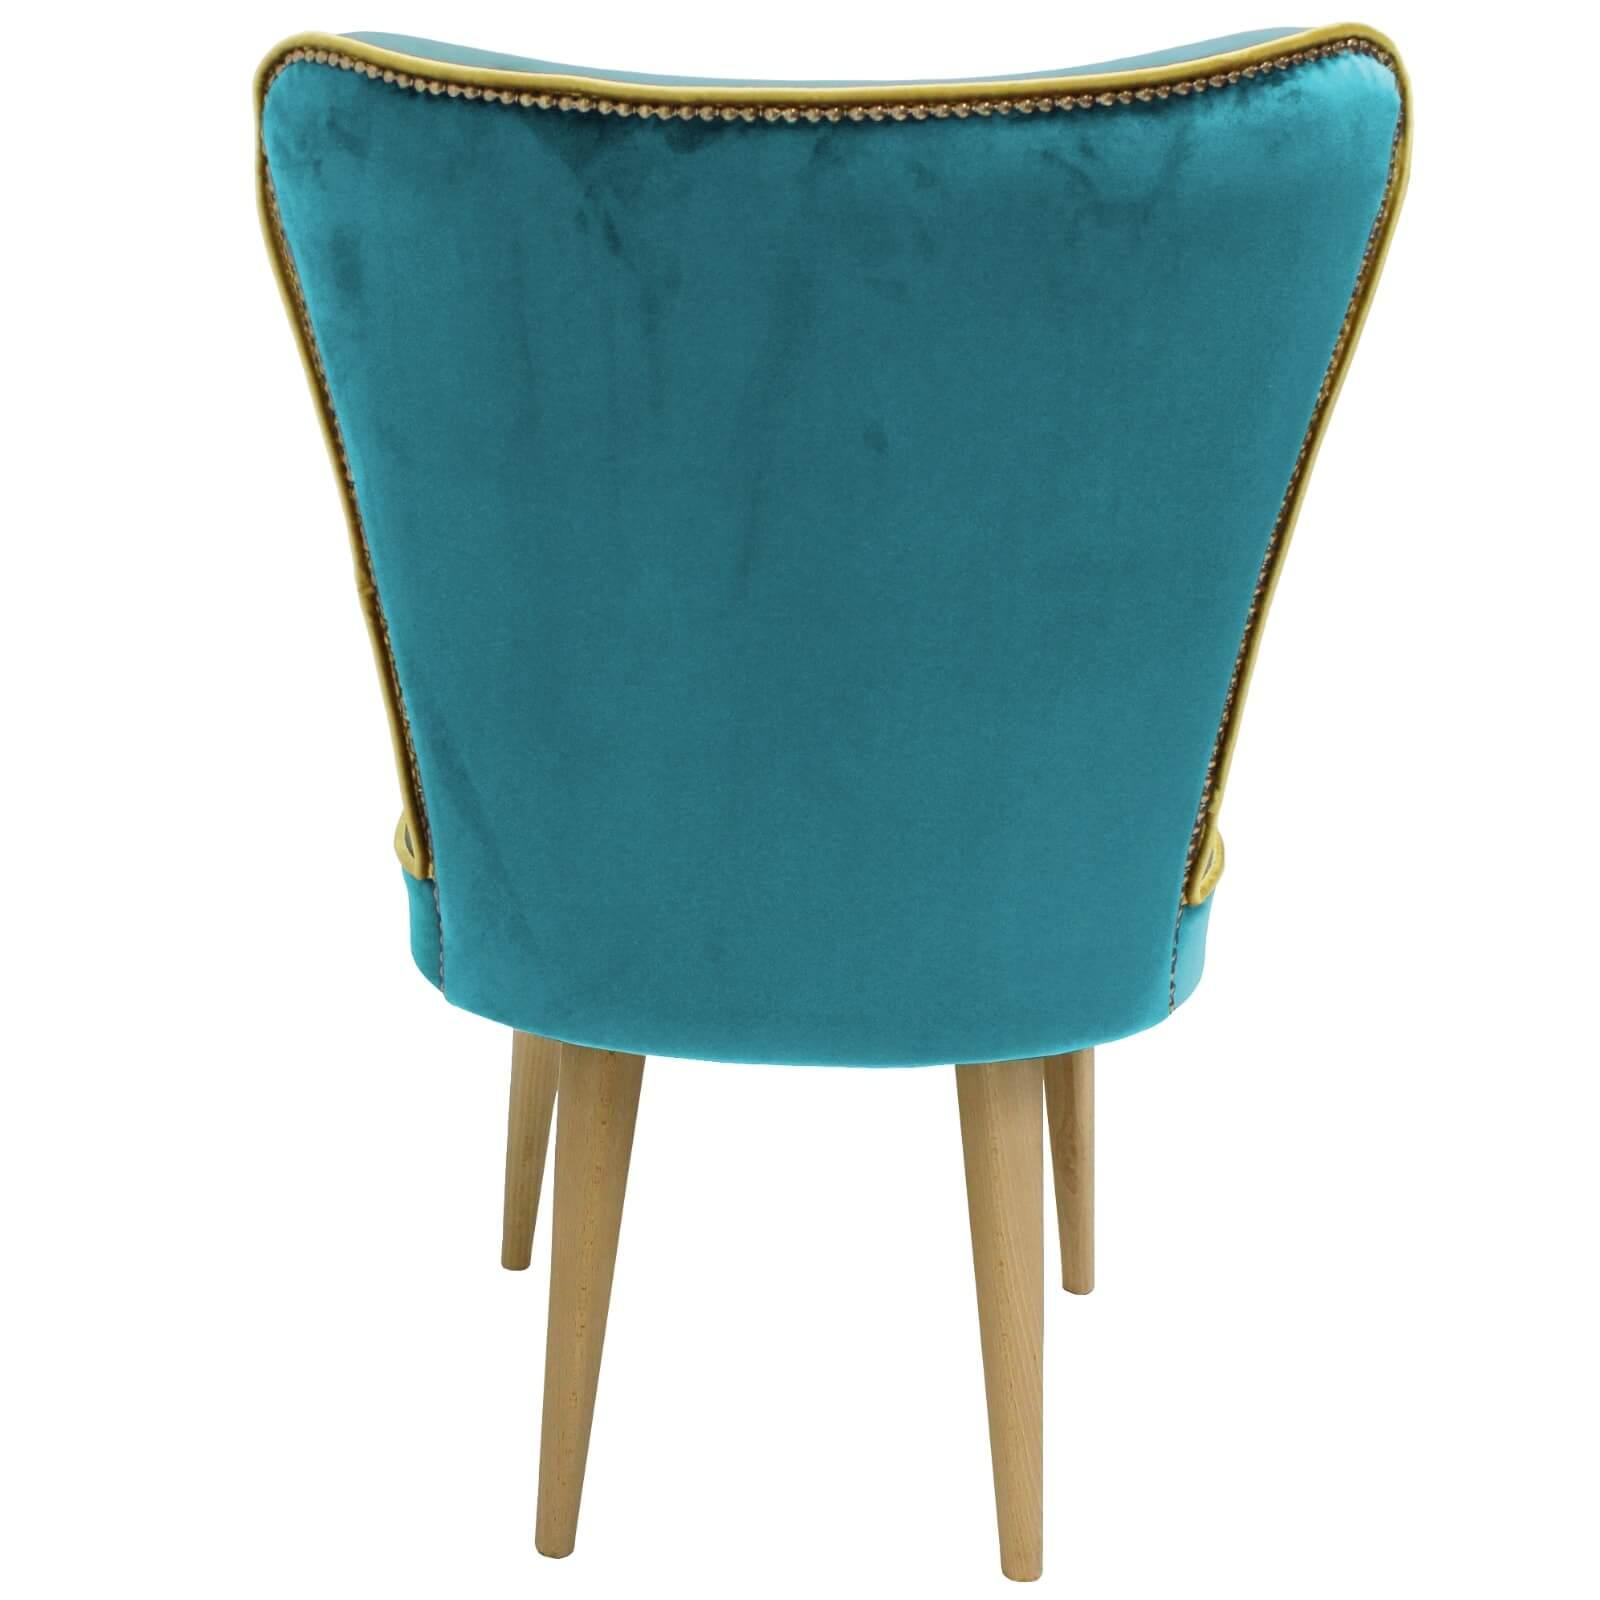 Poltroncina In Velluto Turchese Stile Vintage Con Gamba In Legno Faggio Naturale Antea